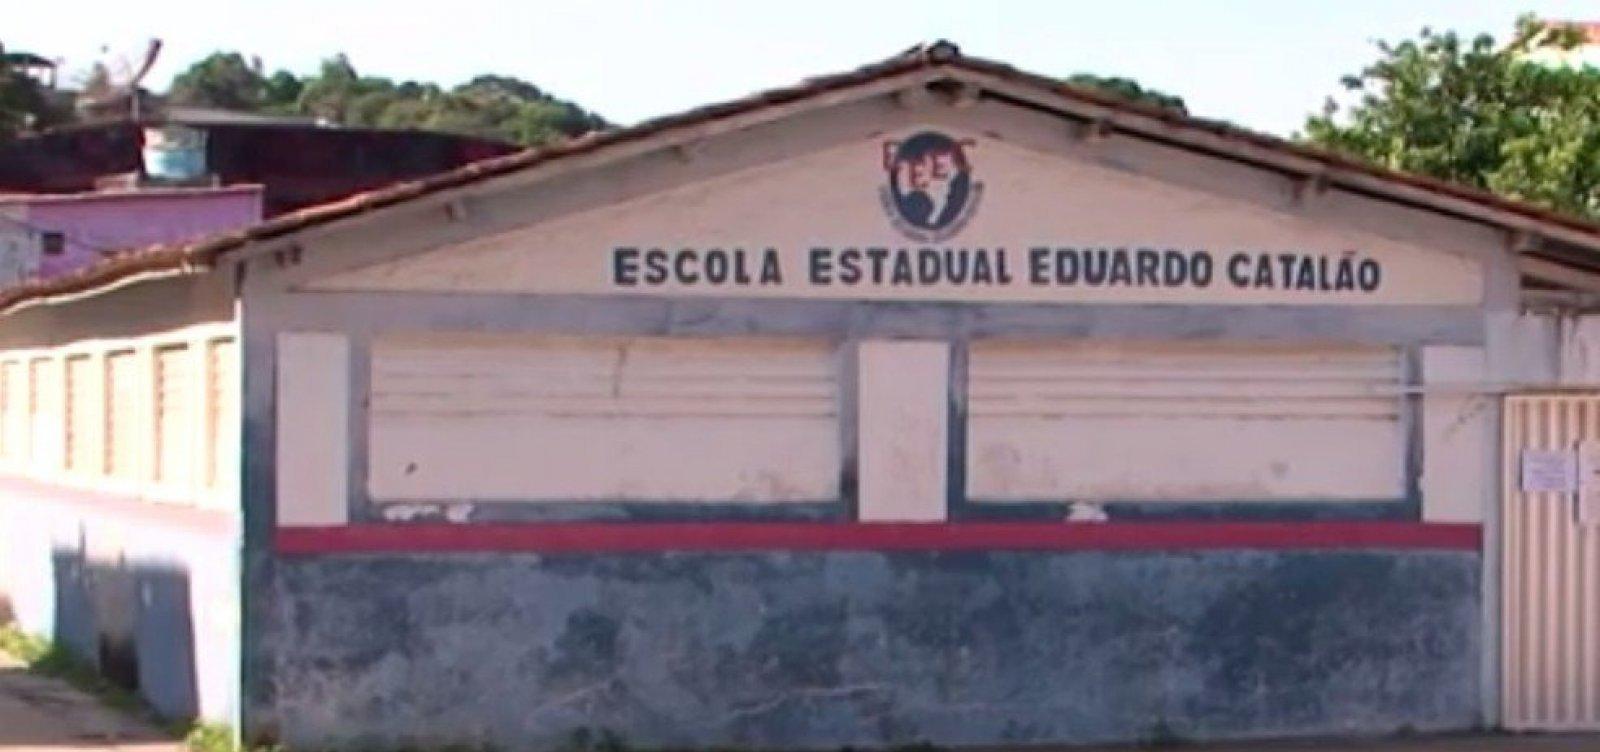 Estudantes de escola em Ilhéus serão transferidos após aluna receber choque